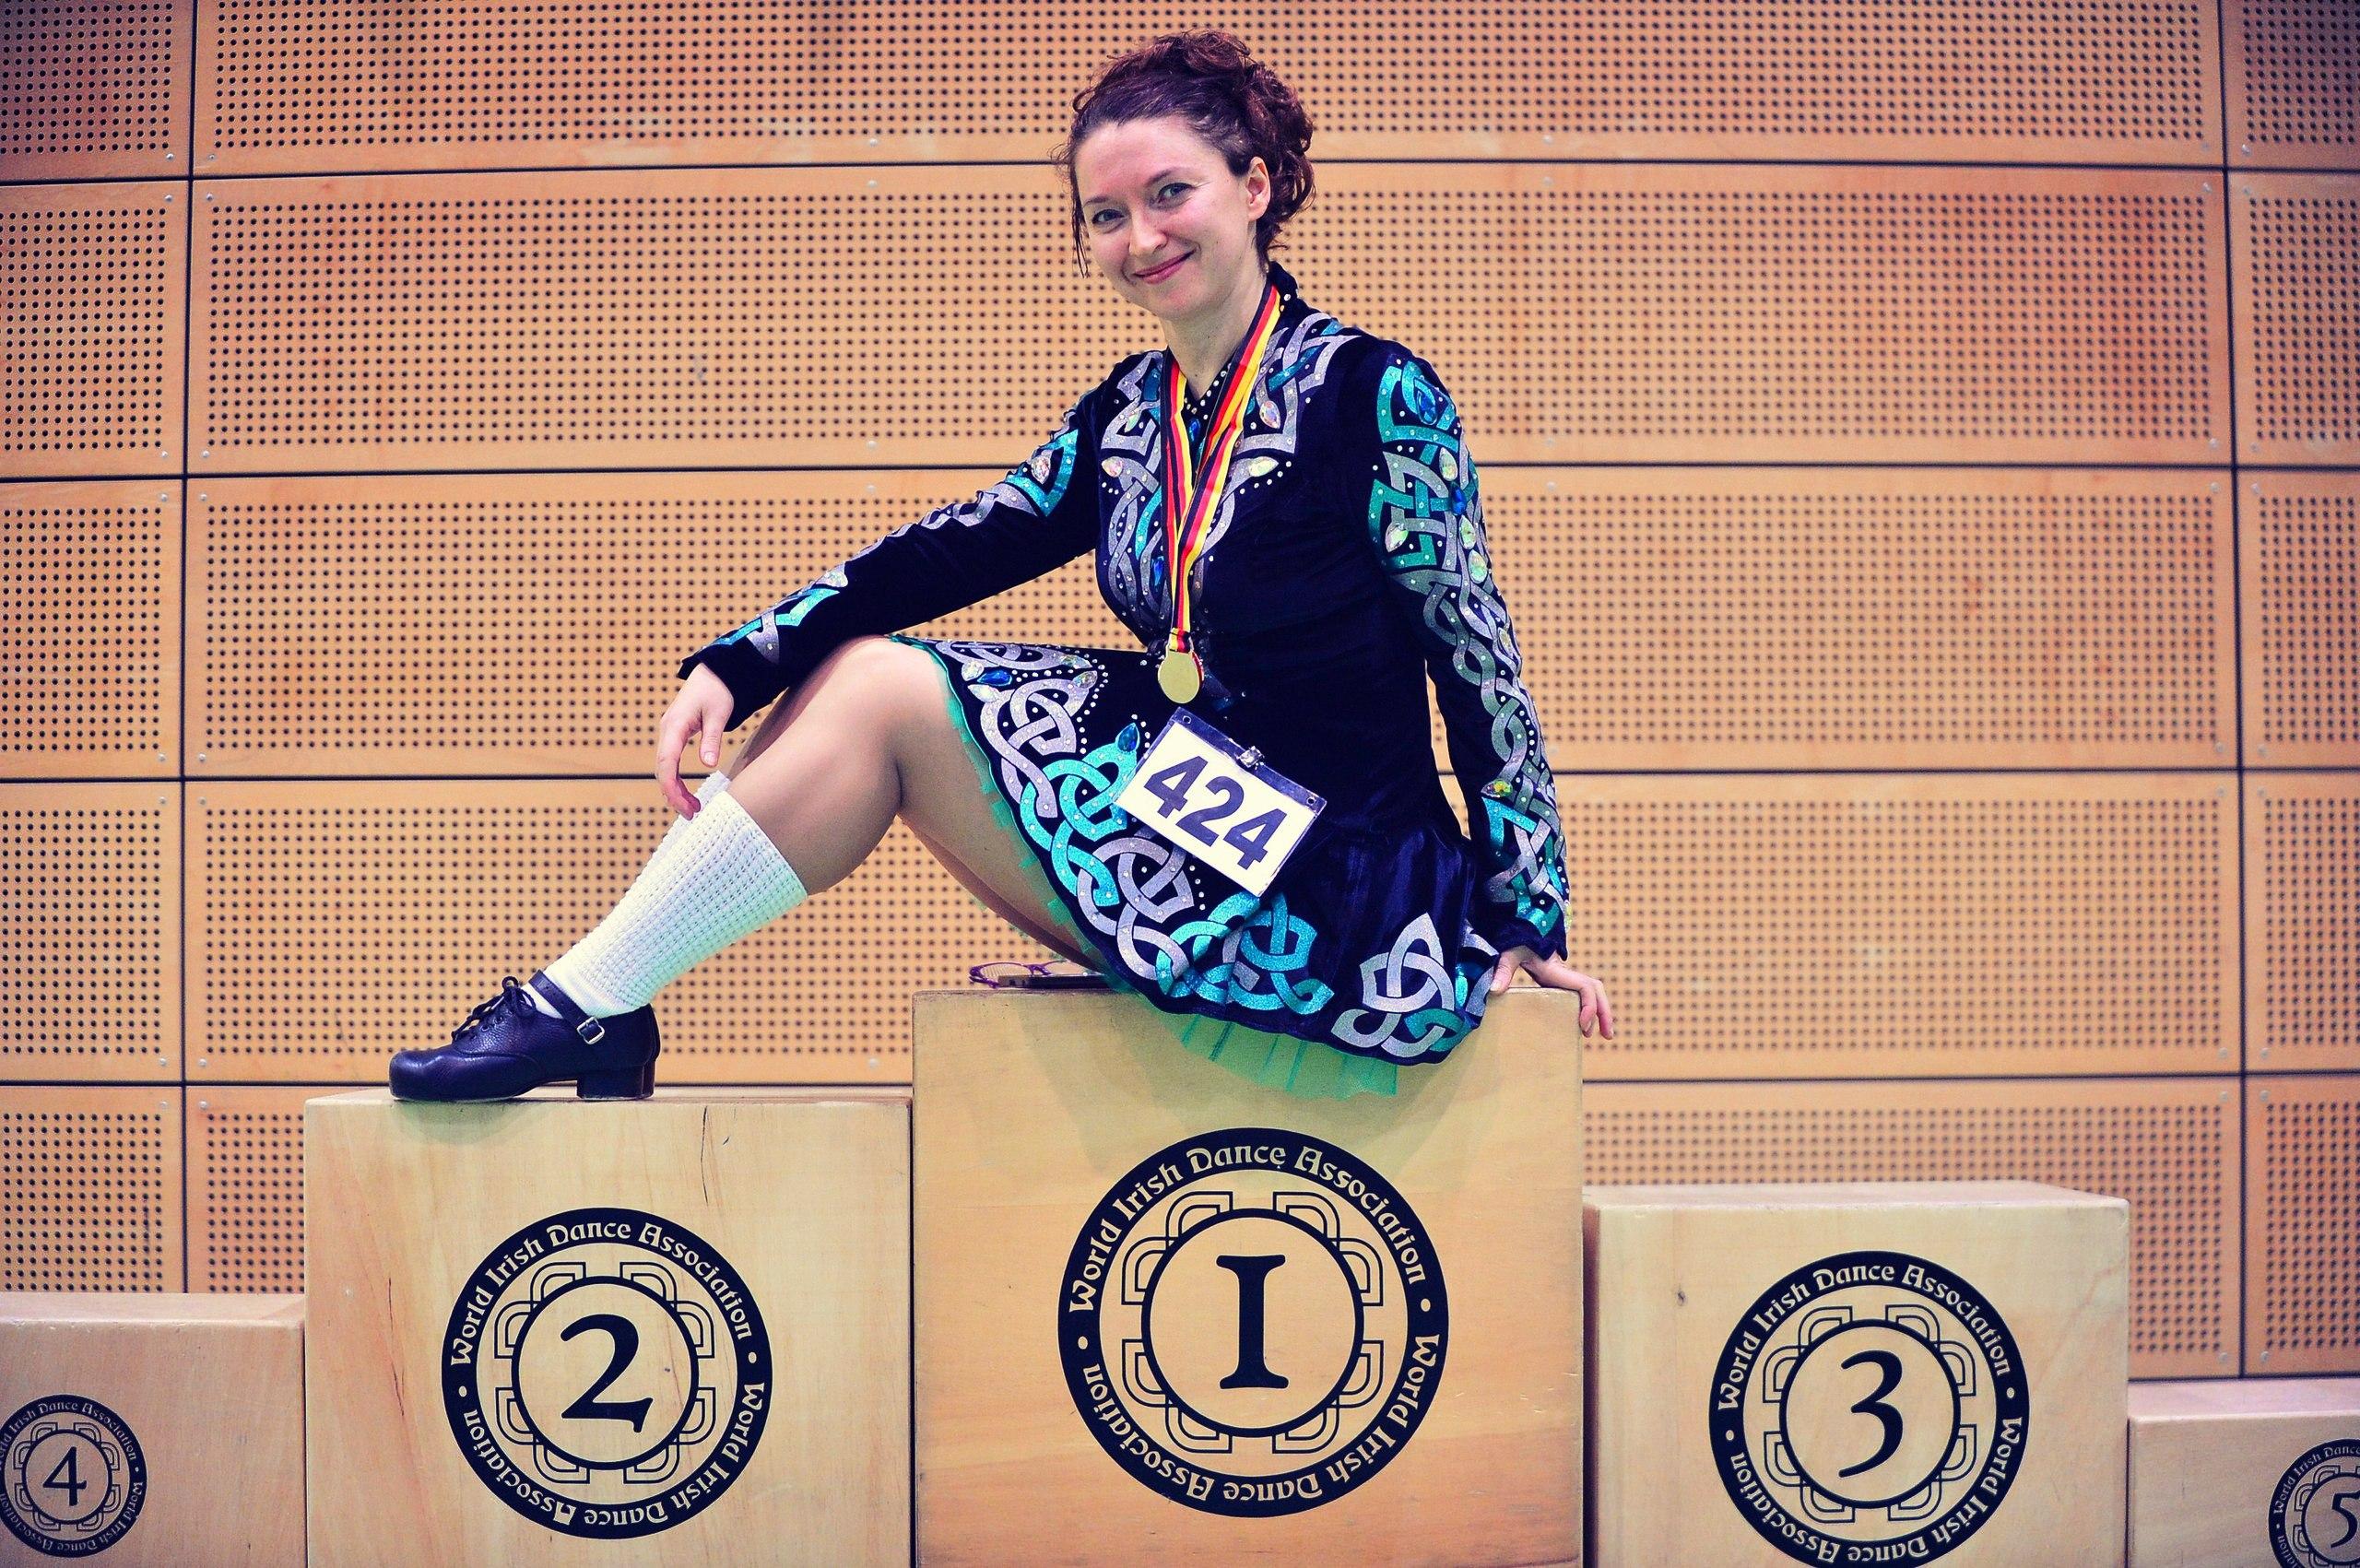 Танцовщица пять лет сдавала экзамены, чтобы получить статус тренера международного класса. Экзамен в Голландии был 11-м по счёту